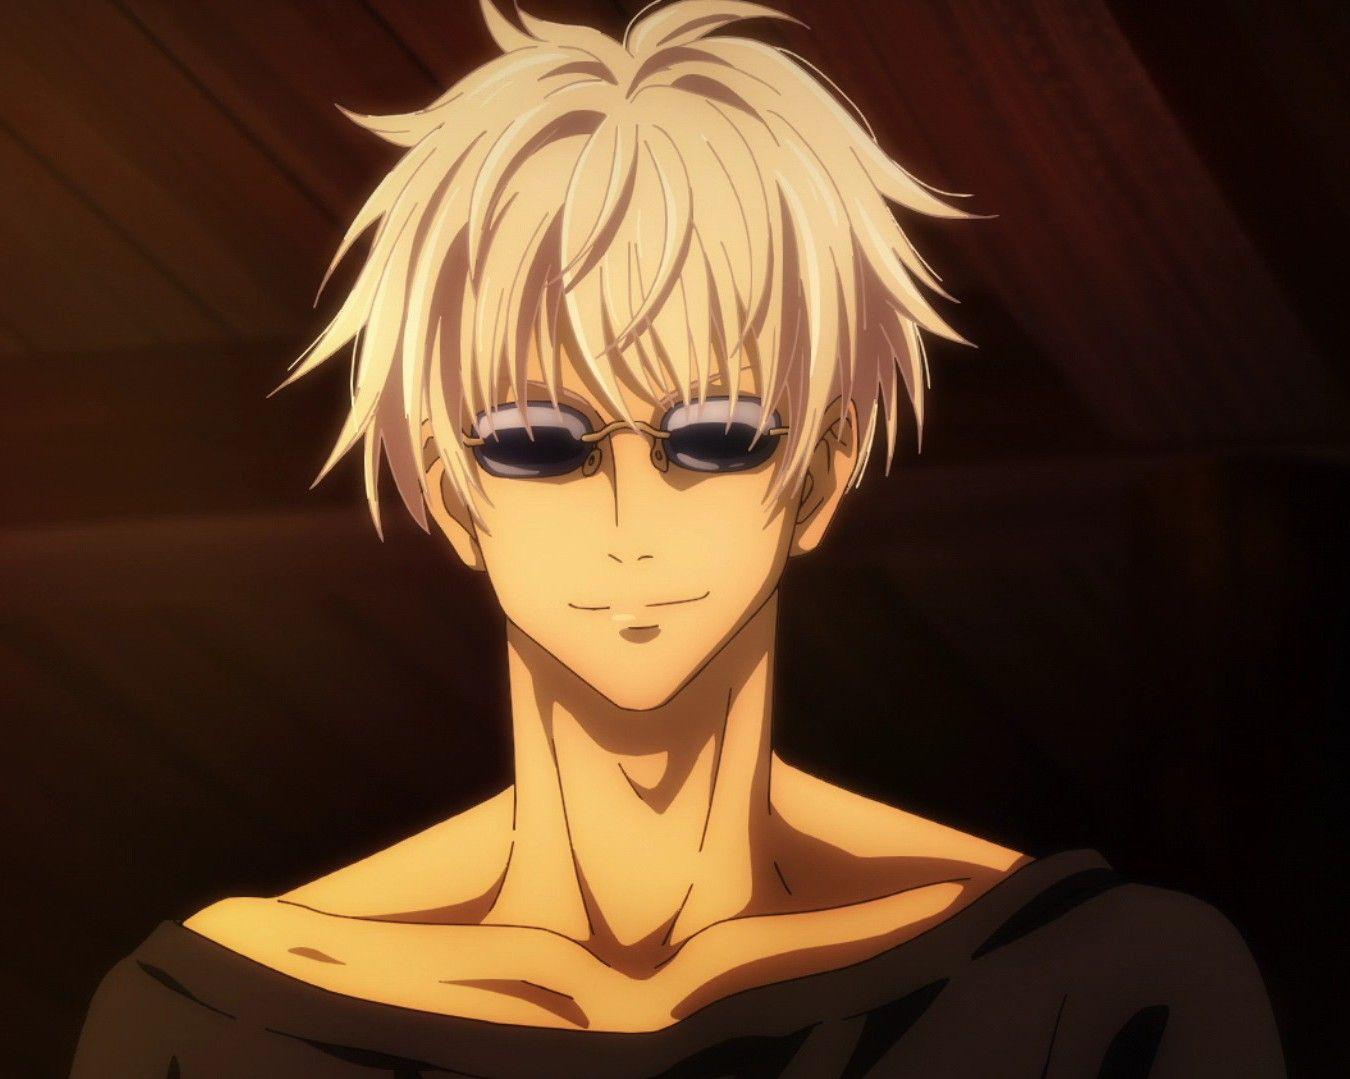 Gojo Satoru Being Hot Aesthetic Anime Jujutsu Anime